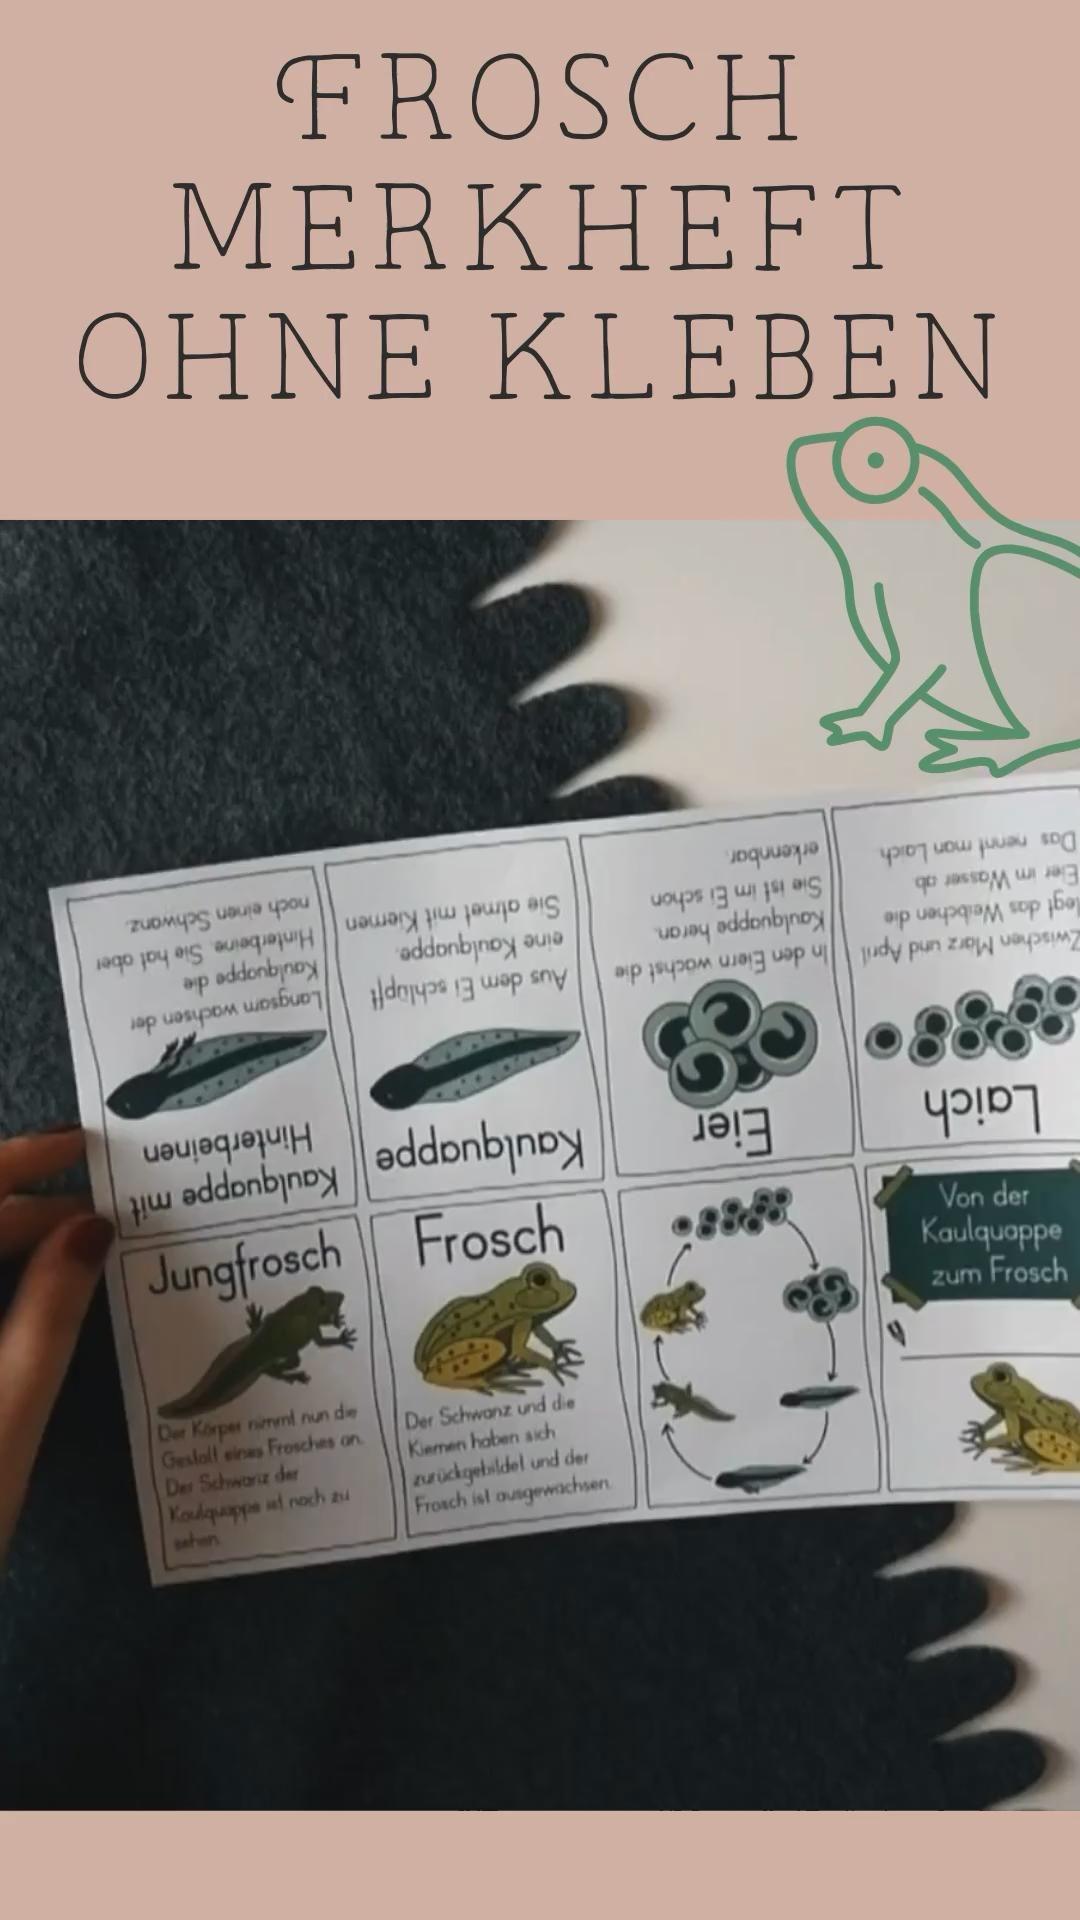 Lebenszyklus Frosch Merkheft zum Falten  Metamorphose   mit  Bastelanleitung – Unterrichtsmaterial im Fach Sachunterricht [Video]  [Video]   Naturwissenschaftsprojekte, Grundschule, Kunstunterricht